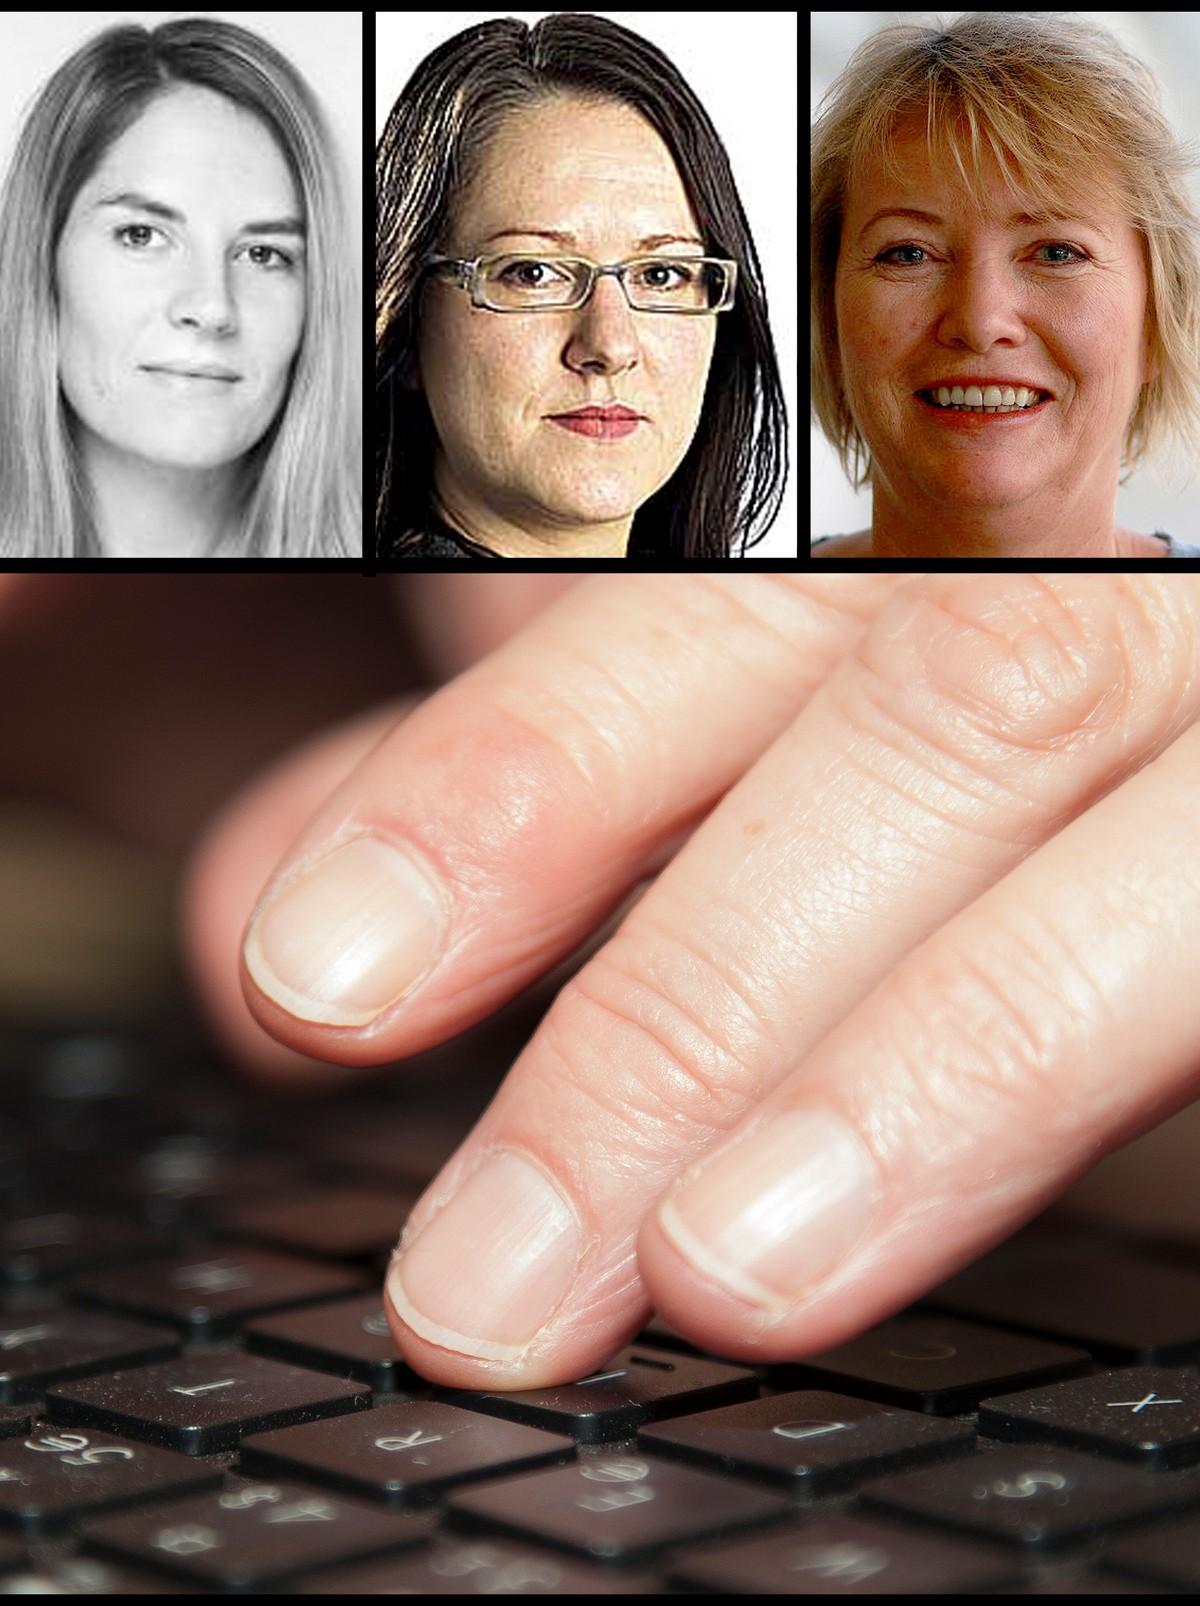 møt kvinner på nett